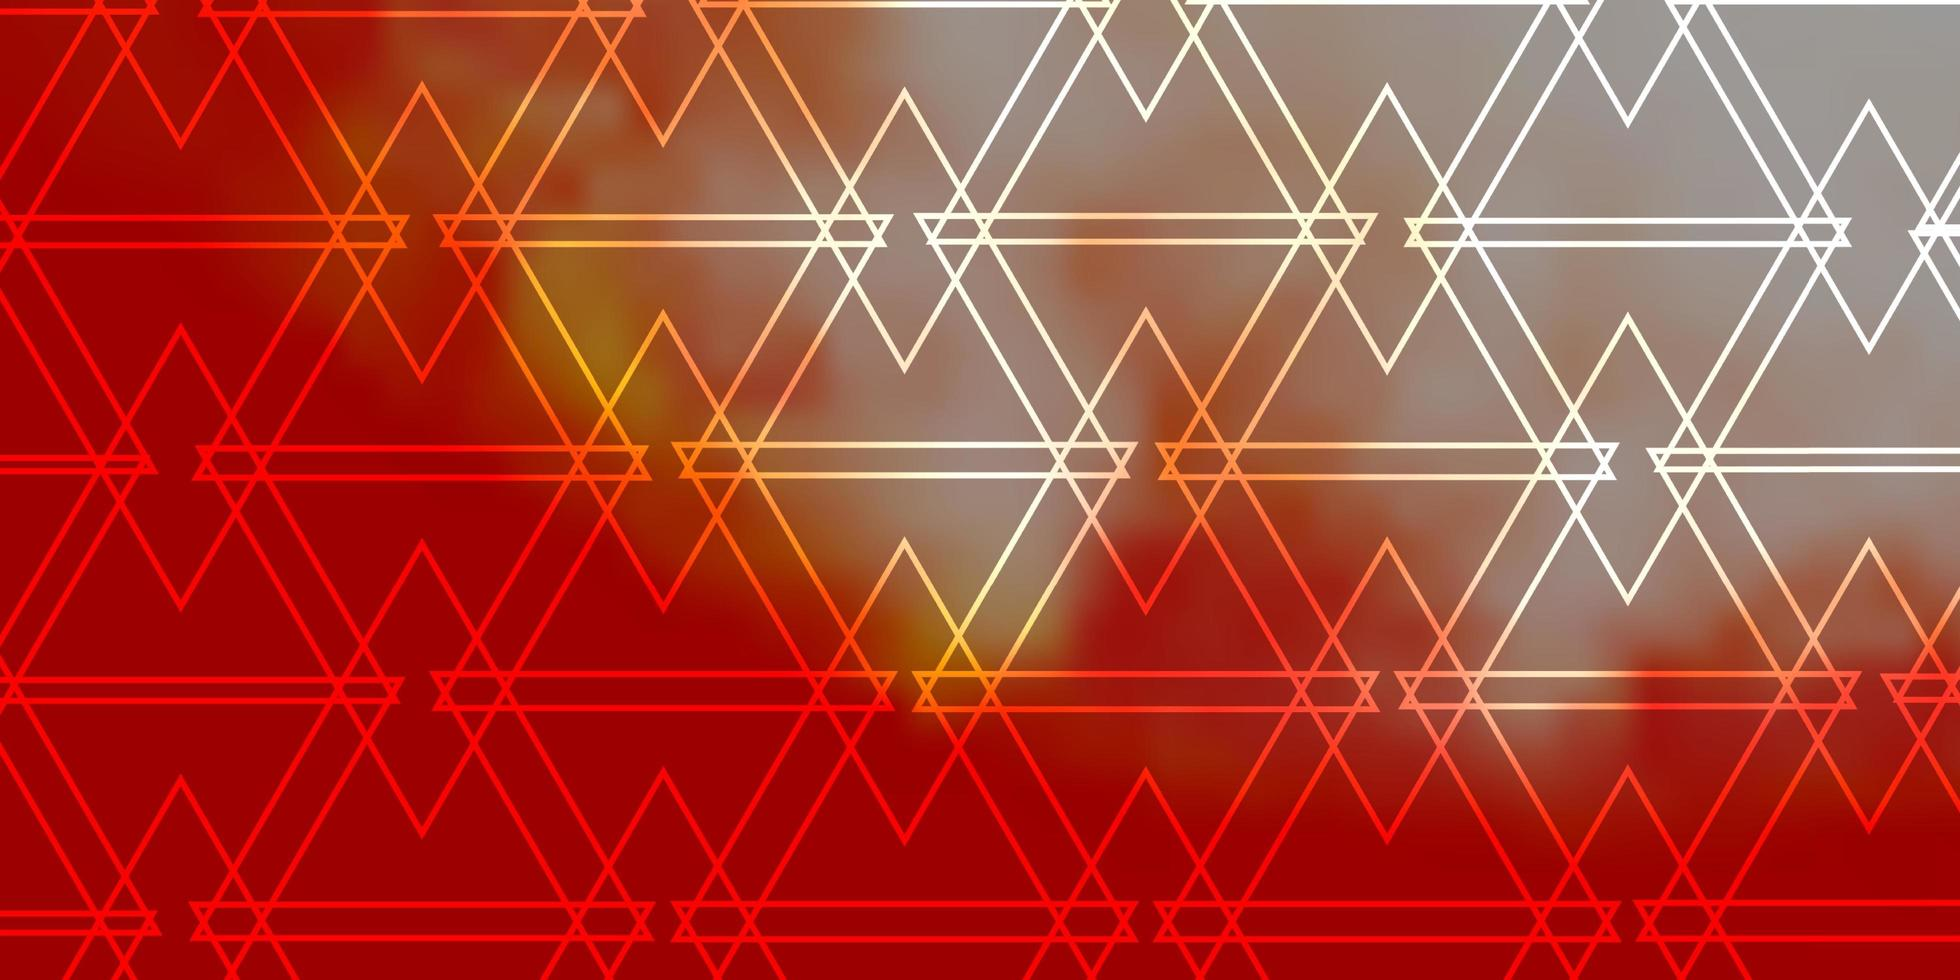 disposition de vecteur rouge clair avec des lignes, des triangles.